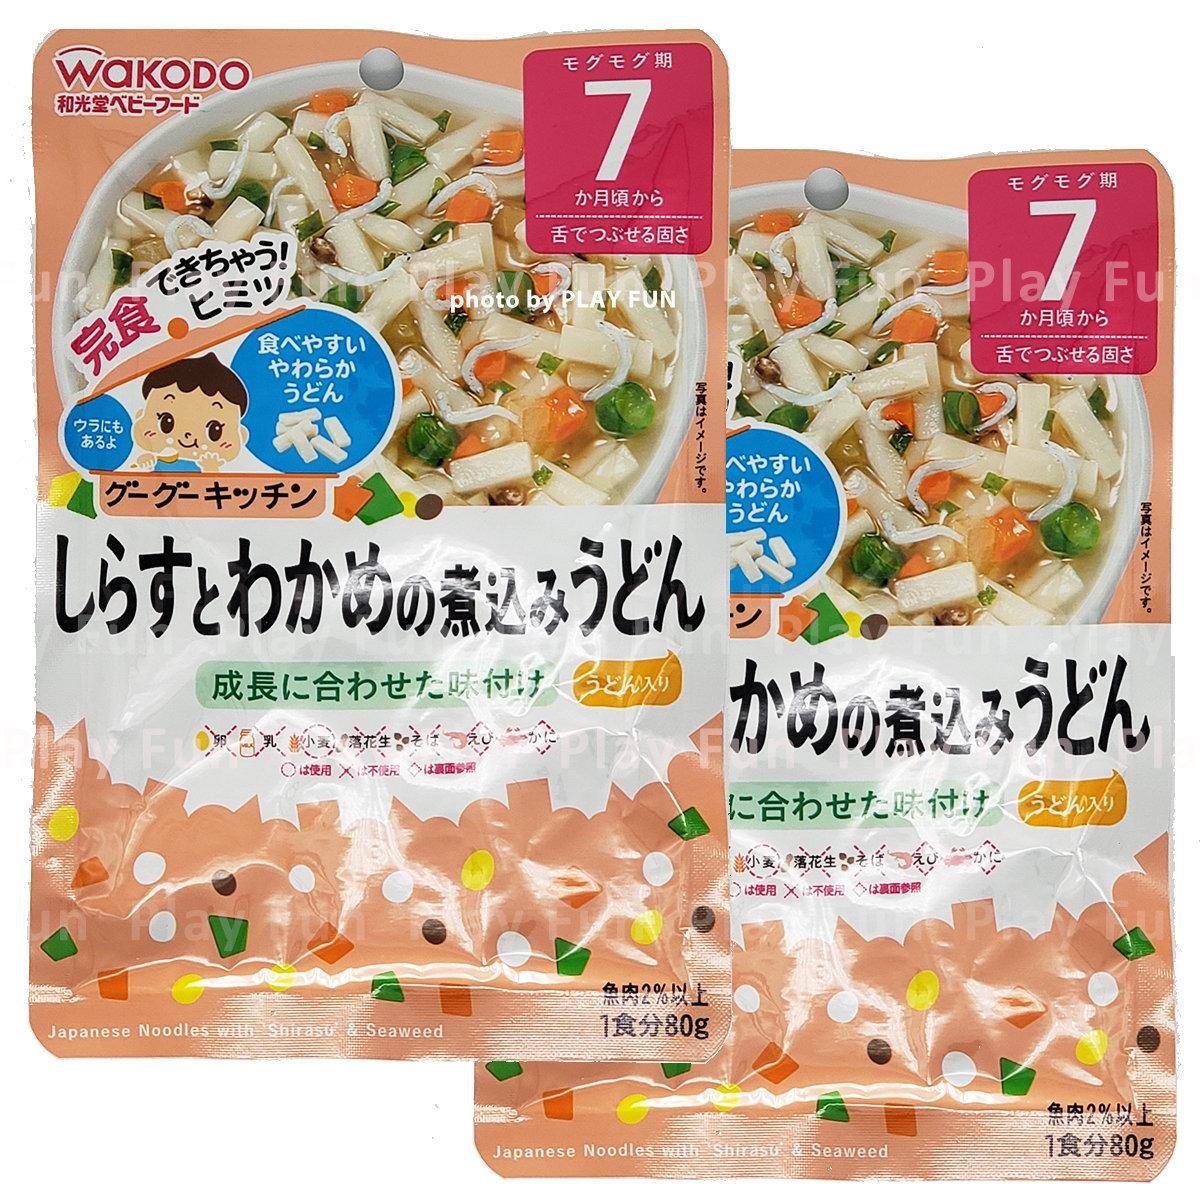 『超值套裝』沙丁魚昆布烏冬 80g [7個月或以上嬰兒食用] x 2包  (4987244181527_2)